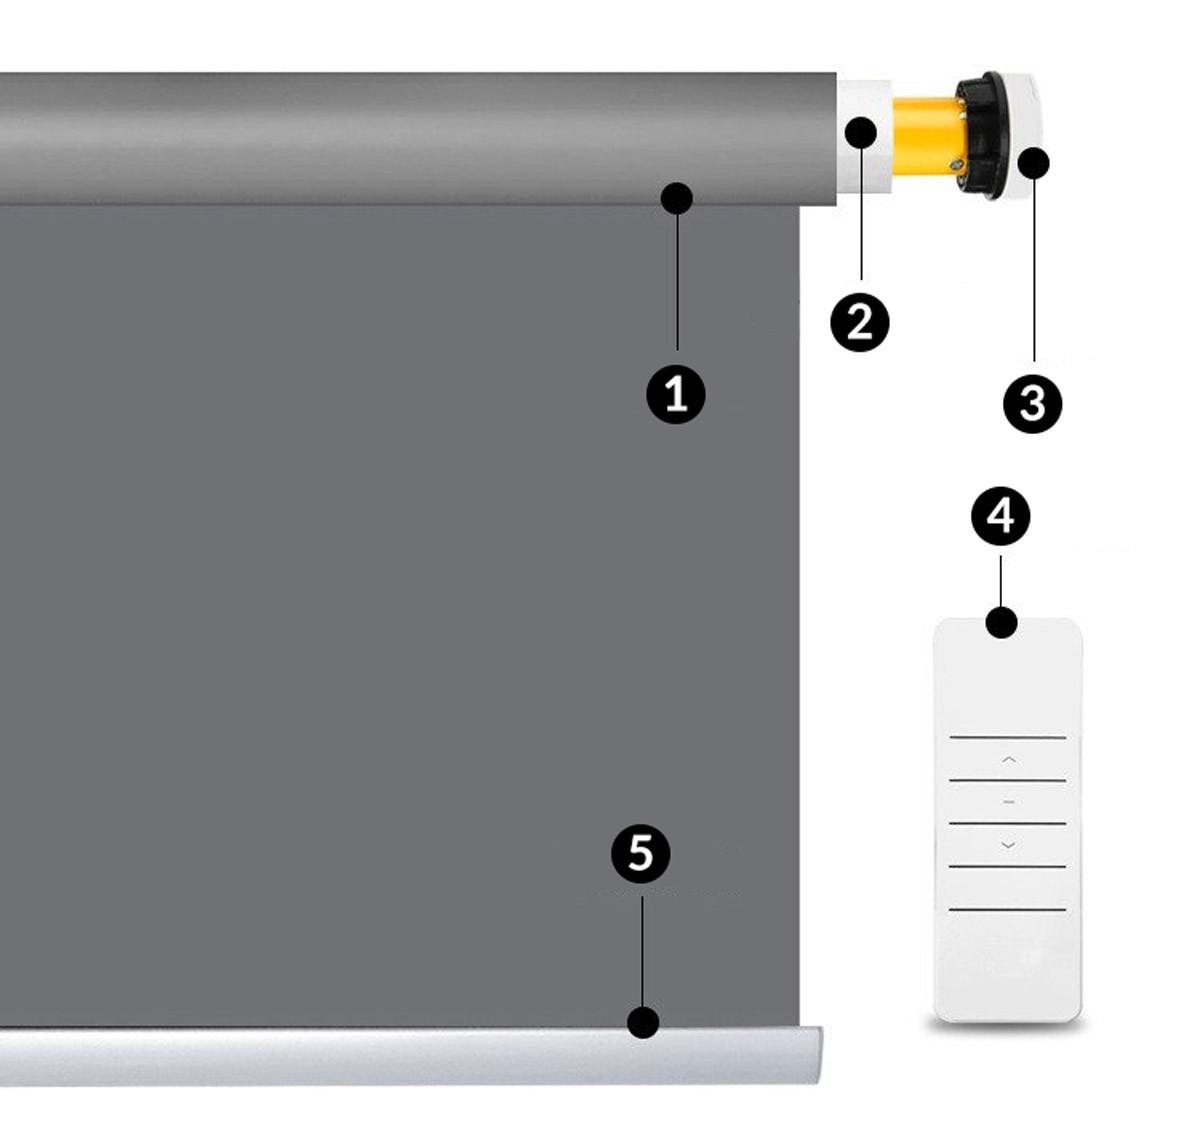 Budowa rolety elektrycznej grafitowej